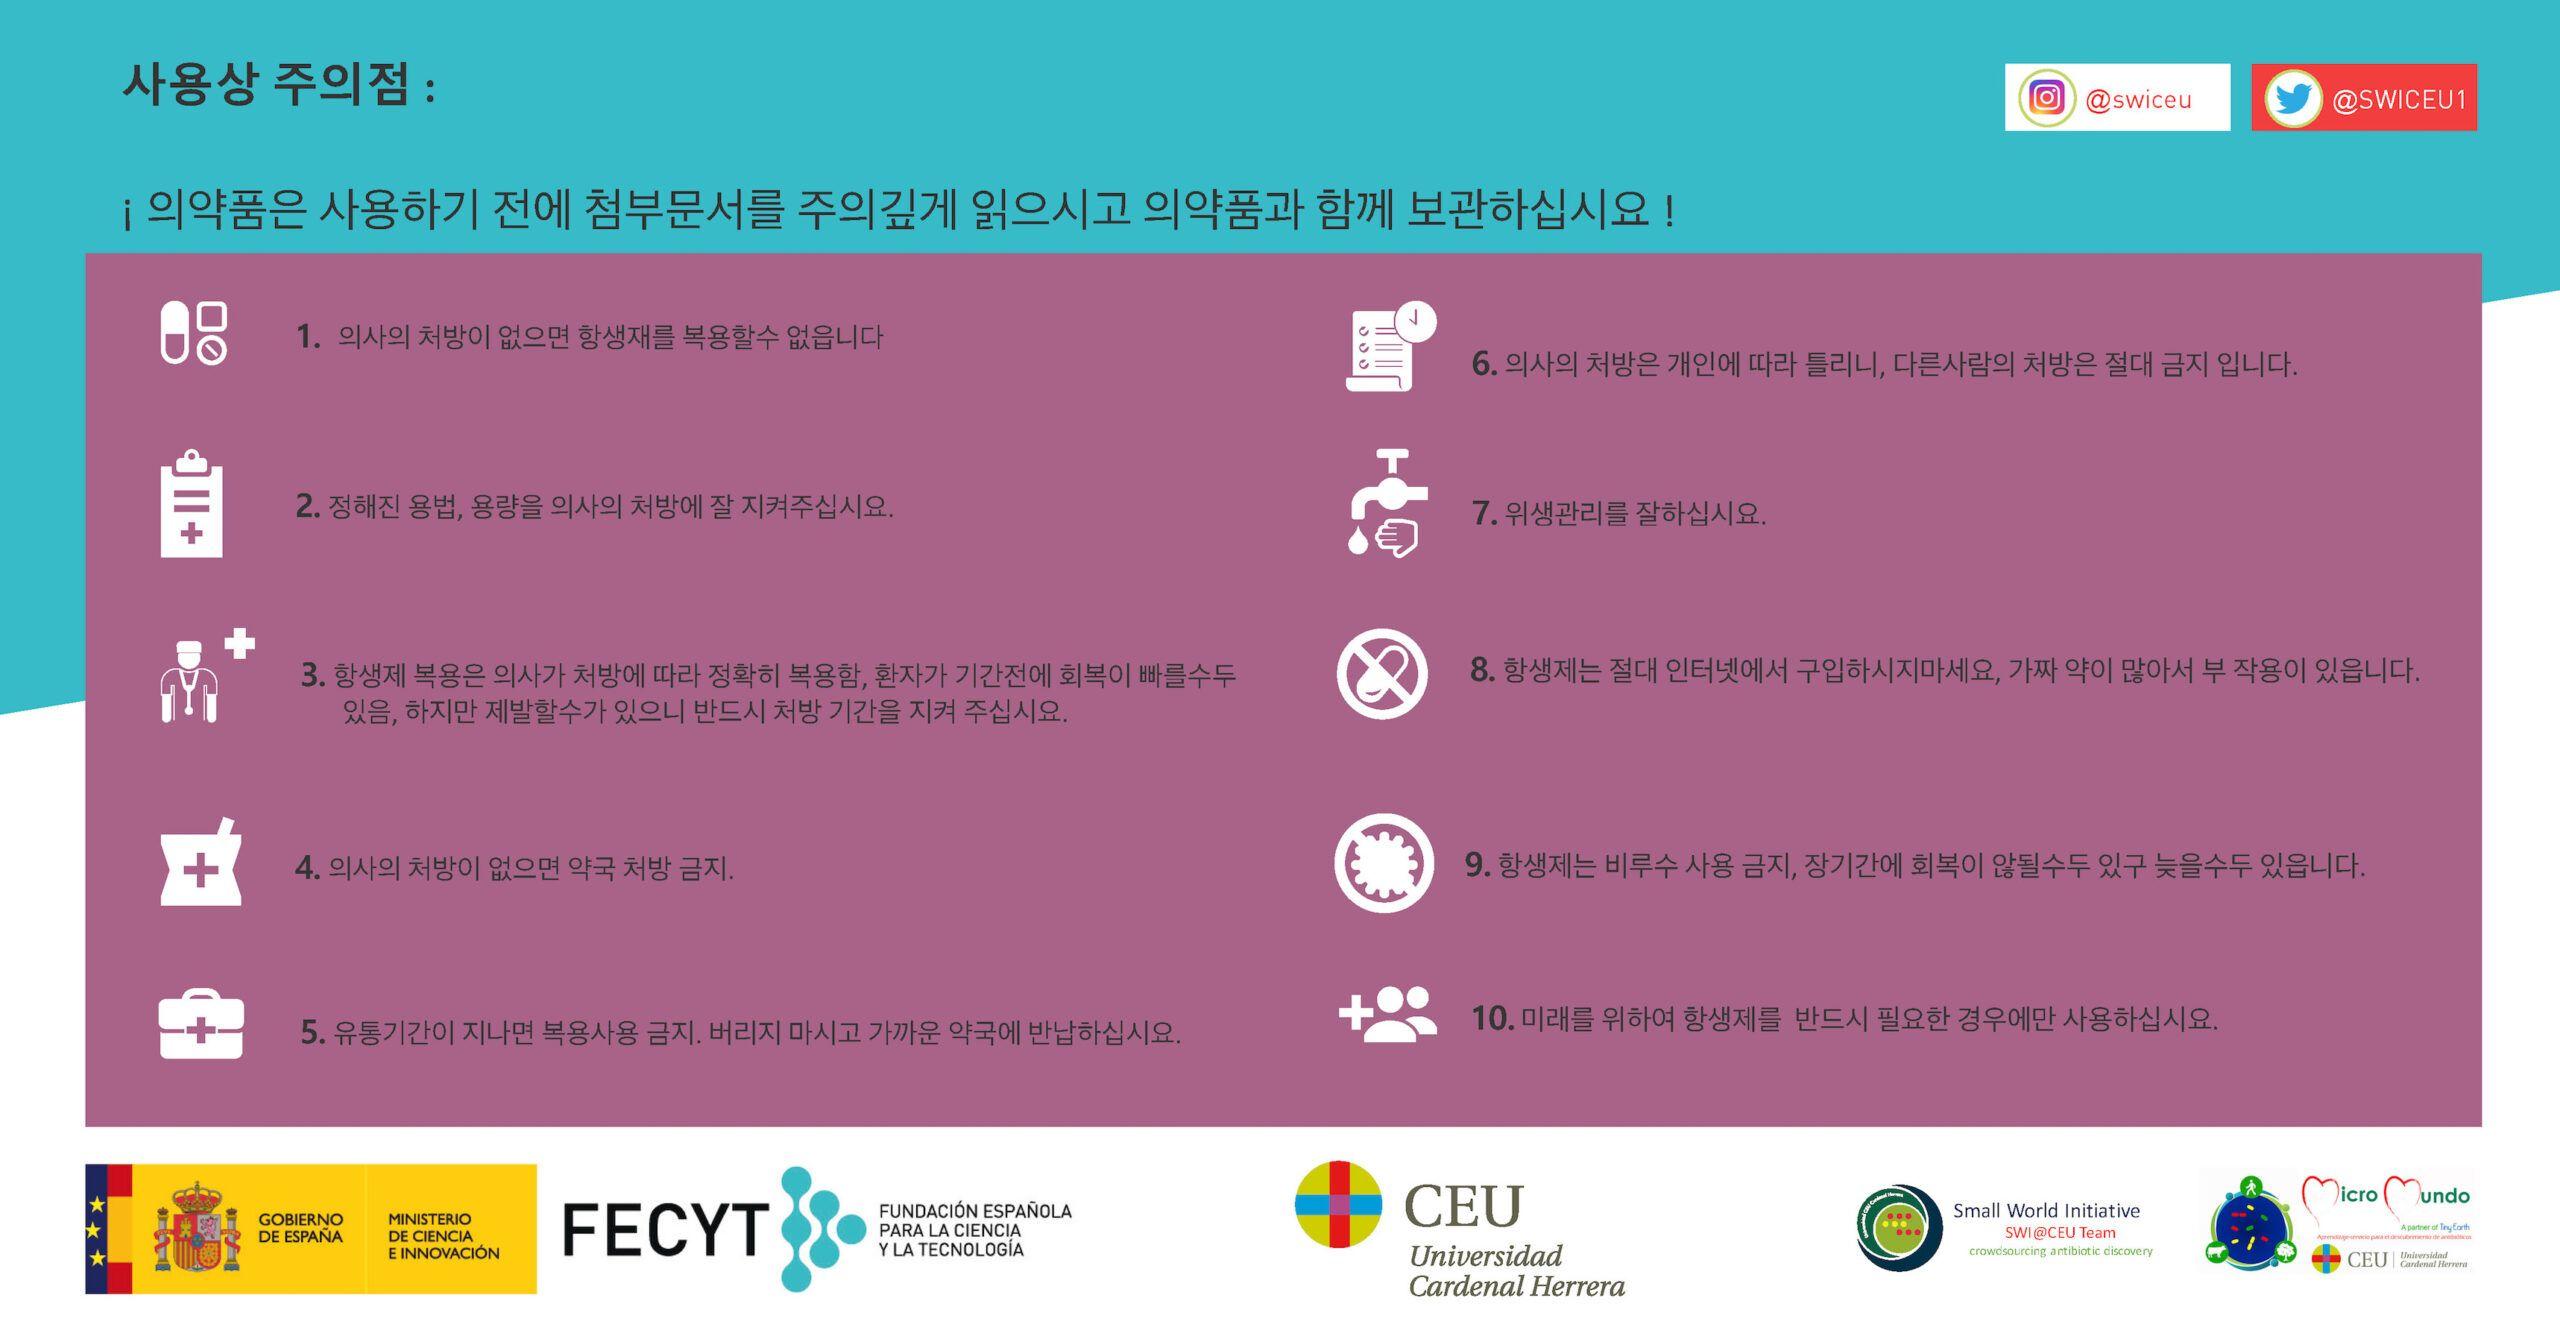 Los diez consejos del equipo SWICEU para hacer un buen uso de los antibióticos, en coreano. Y también en árabe, ruso, vietnamita, neerlandés, rumano...